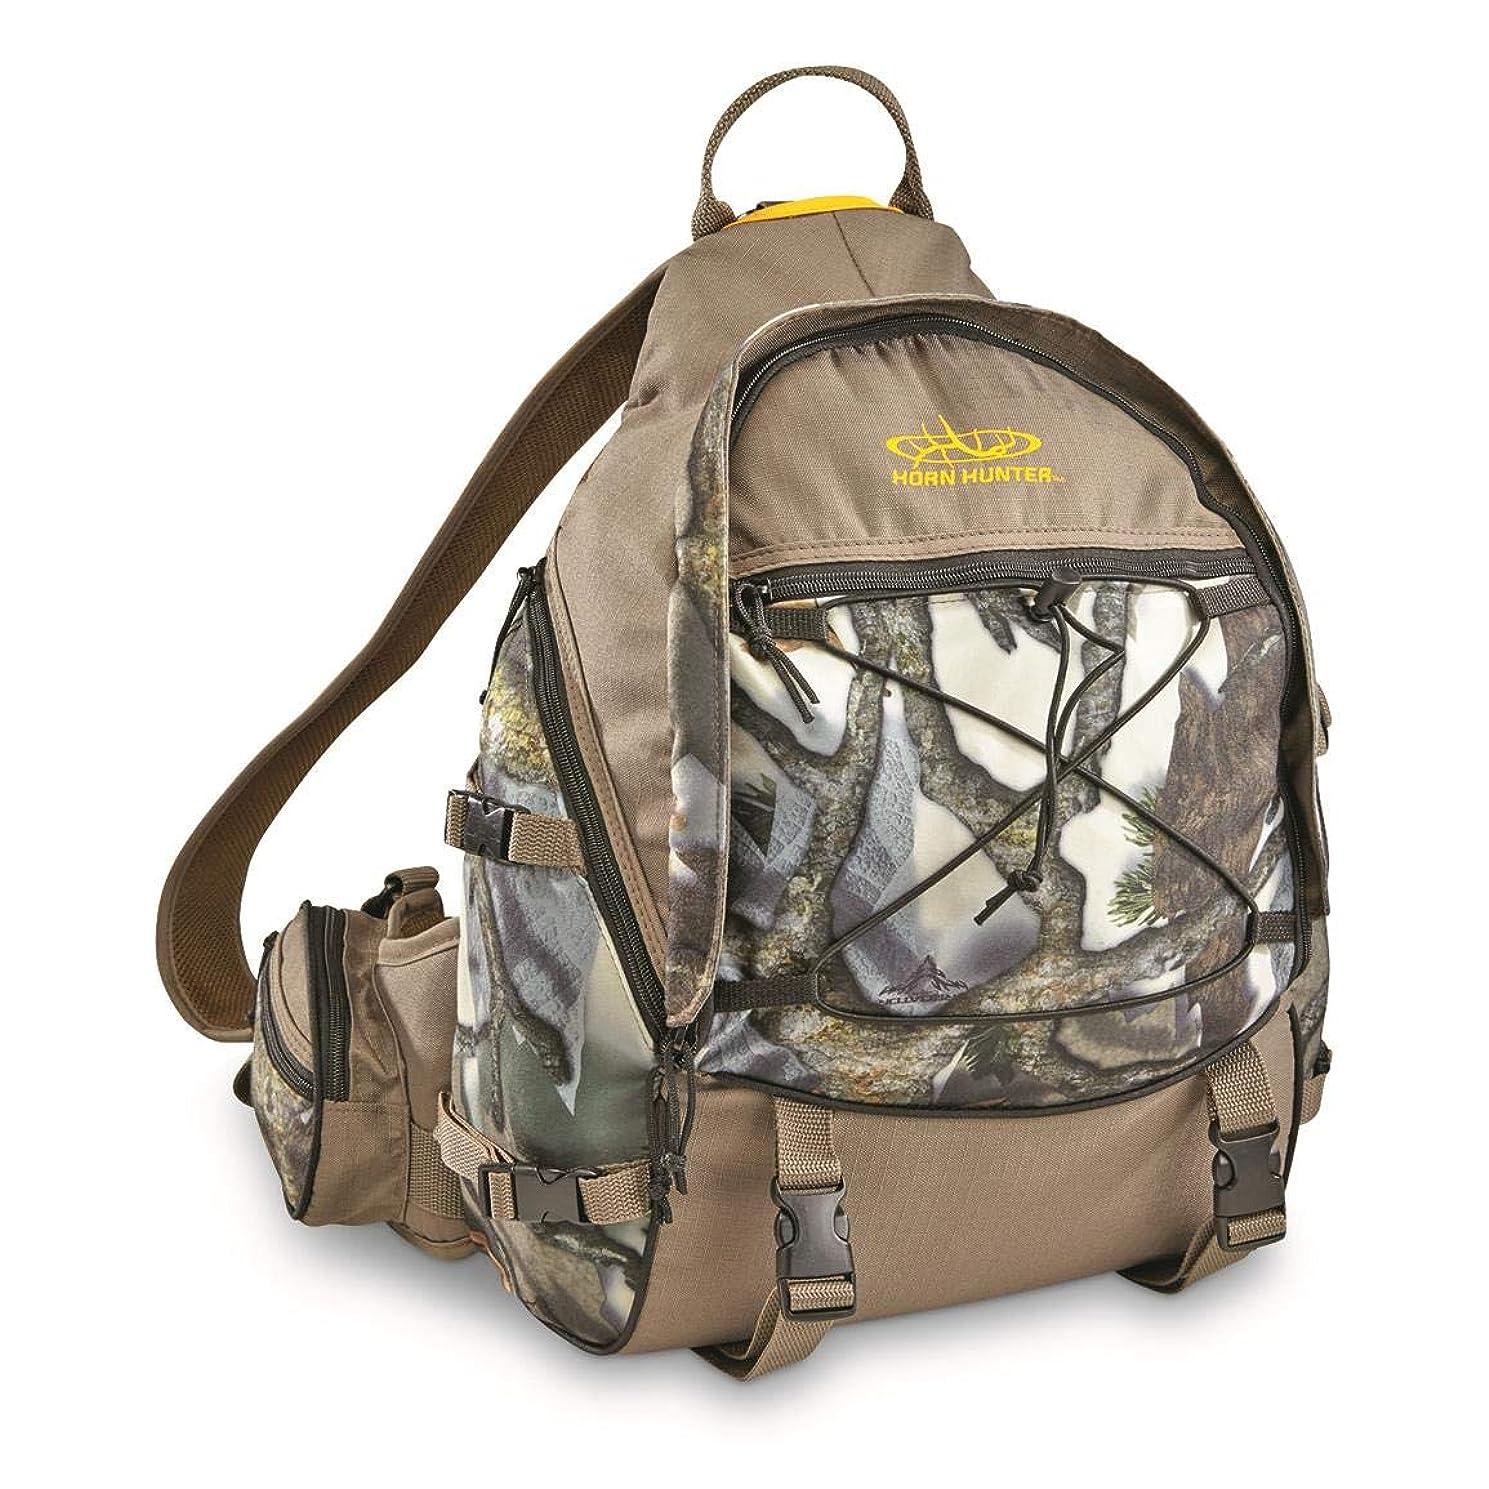 Horn Hunter Slingshot Hunting Pack